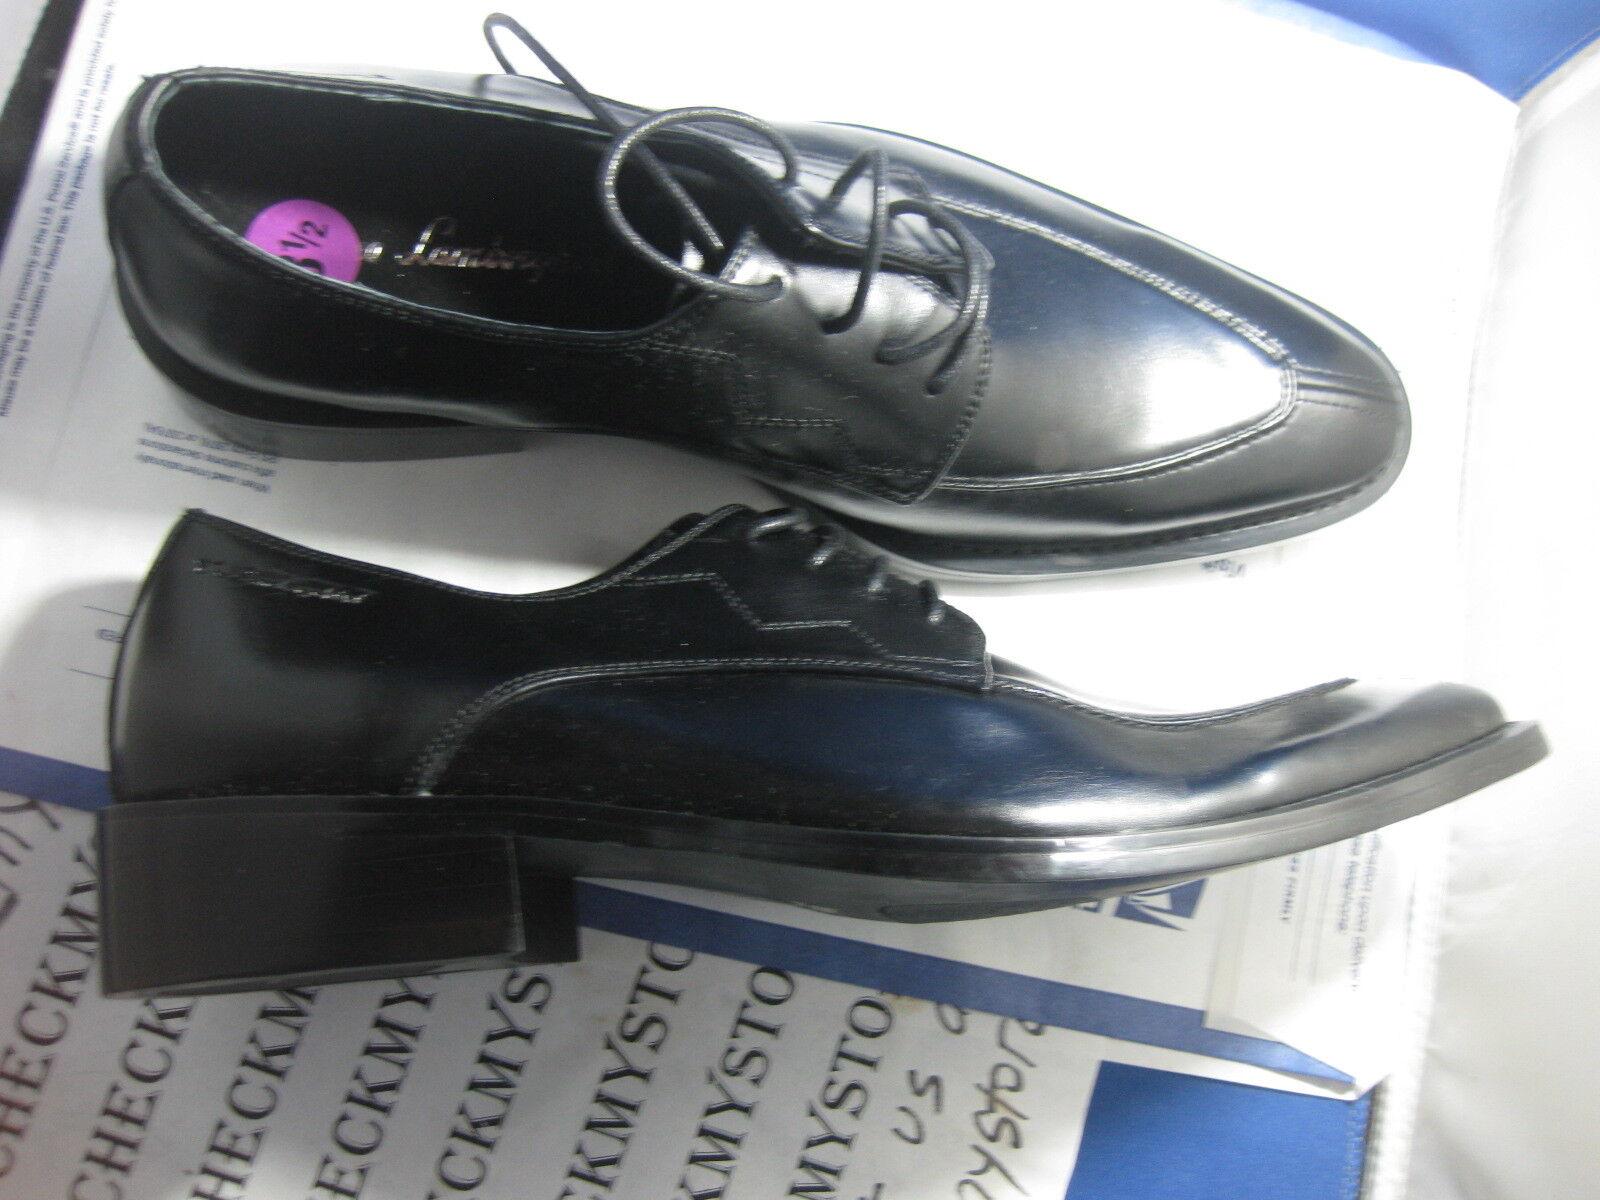 Nuevo Vestido Italiano TONINO LAMBORGHINI Oxford Zapatos Negro Cuero handmad